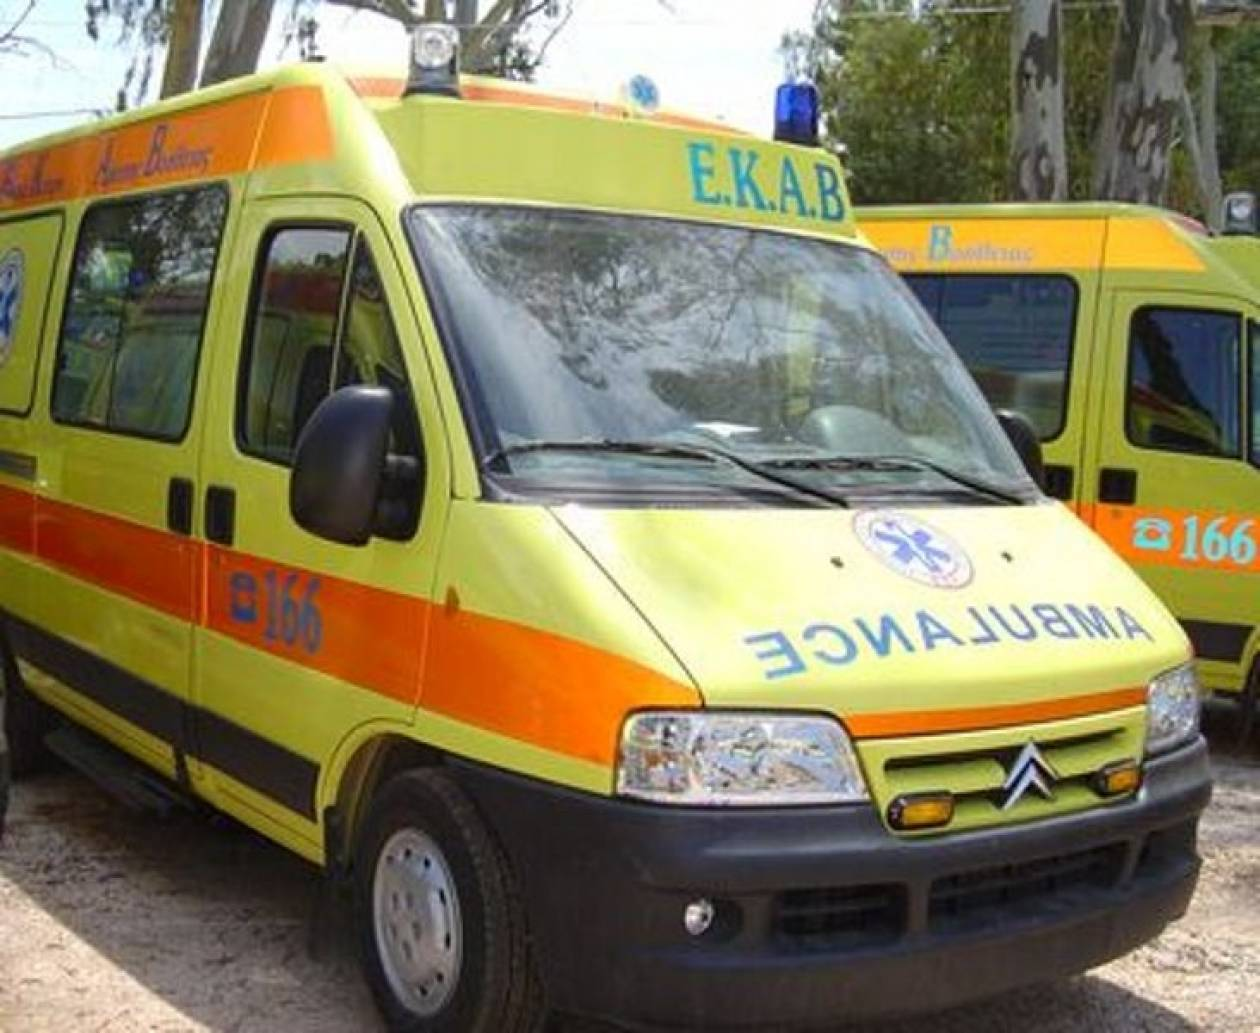 Τραυματίστηκε δικαστικός αντιπρόσωπος στην Καστοριά